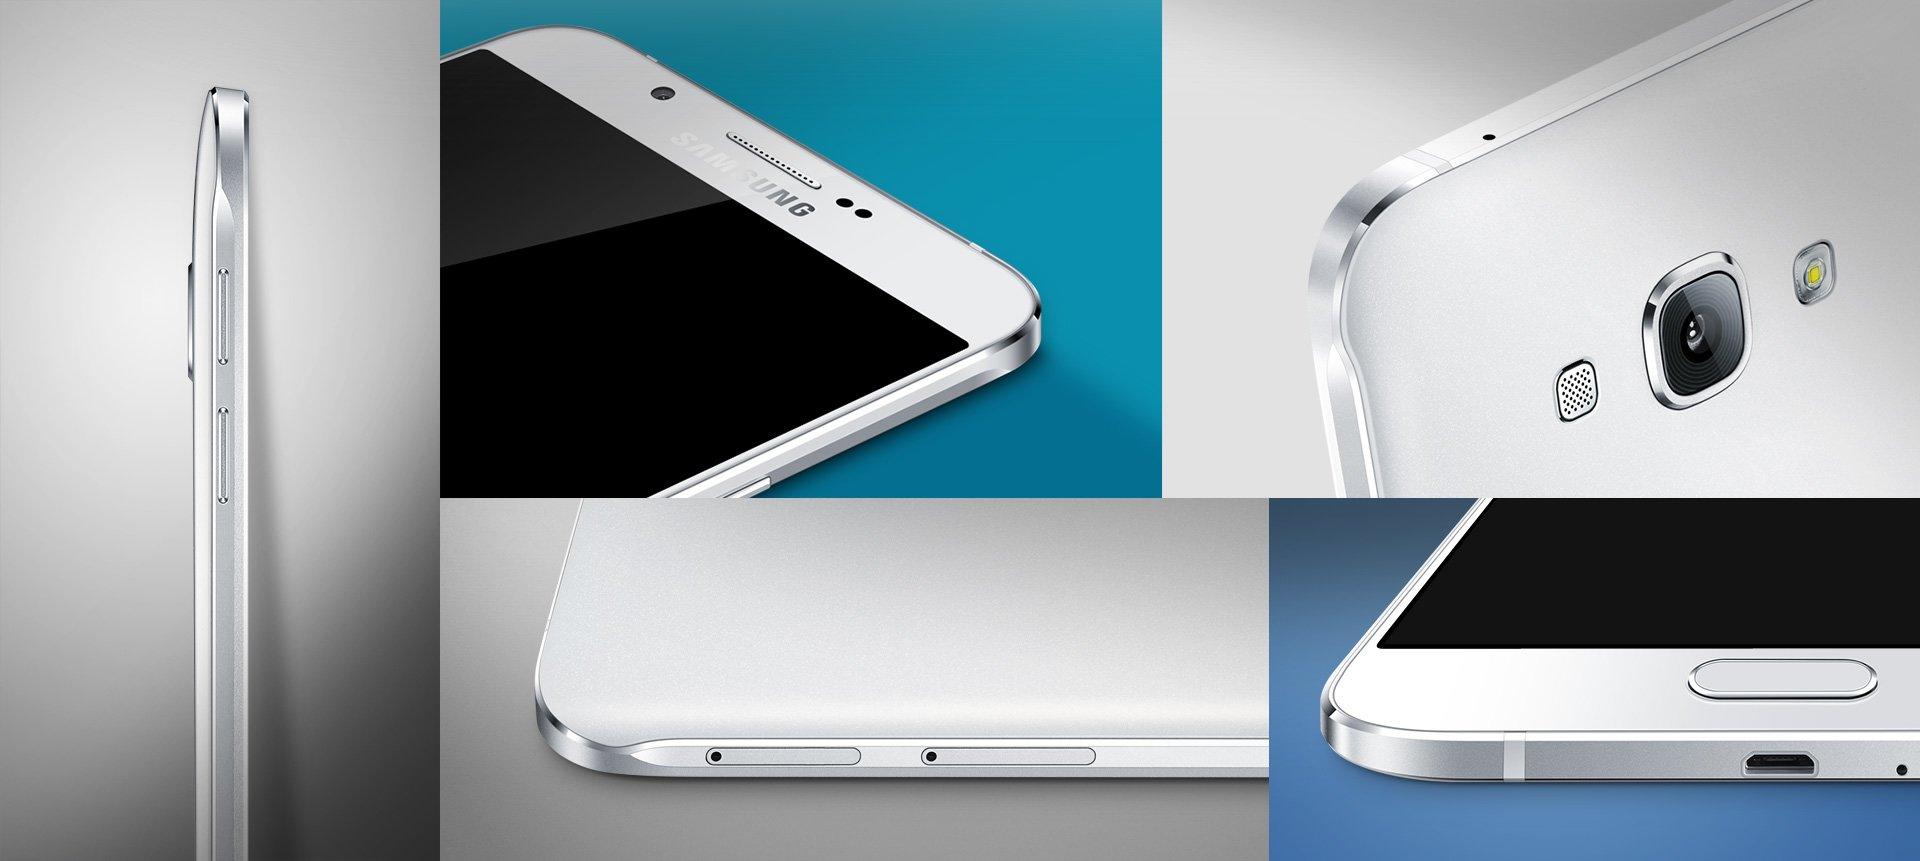 Samsung Galaxy A8 (2016) coraz bliżej premiery 18